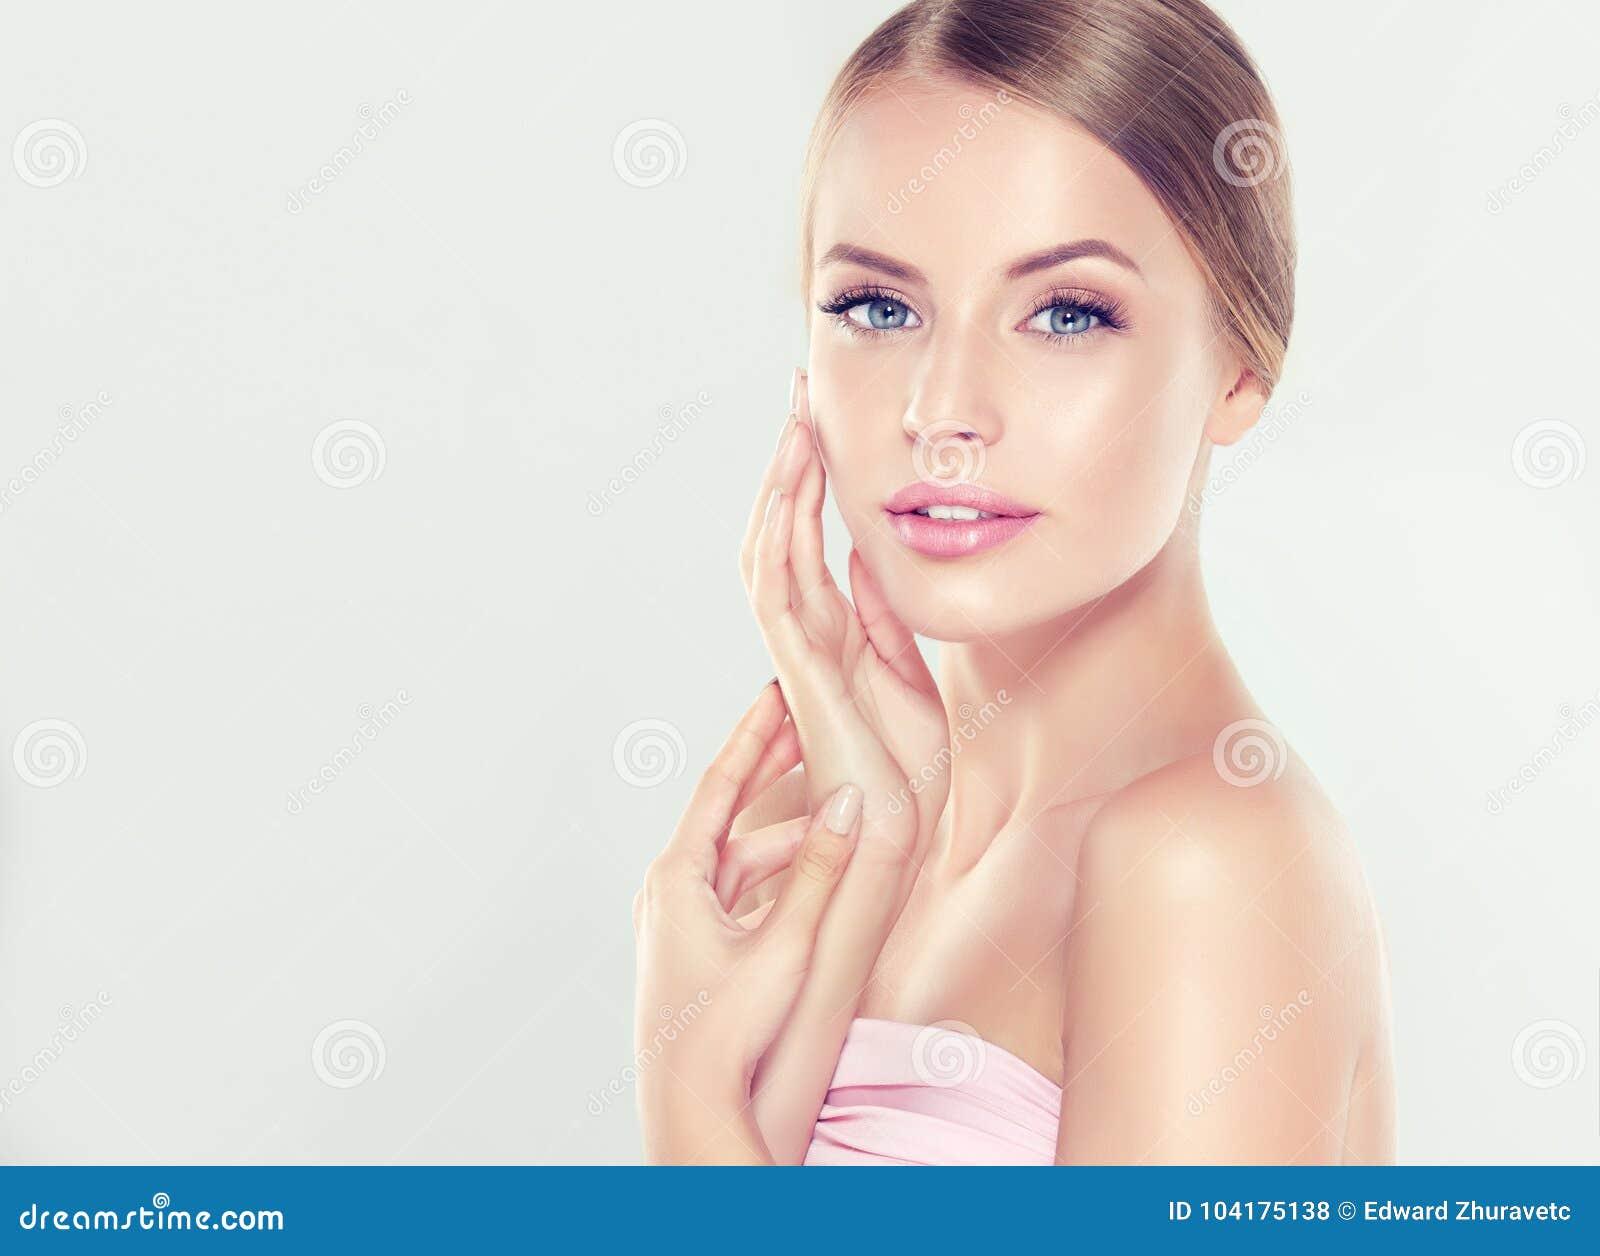 Το πορτρέτο της νέας γυναίκας με το καθαρό φρέσκο δέρμα και μαλακός, λεπτό αποτελεί Η γυναίκα αγγίζει tenderly για να είναι κύρια